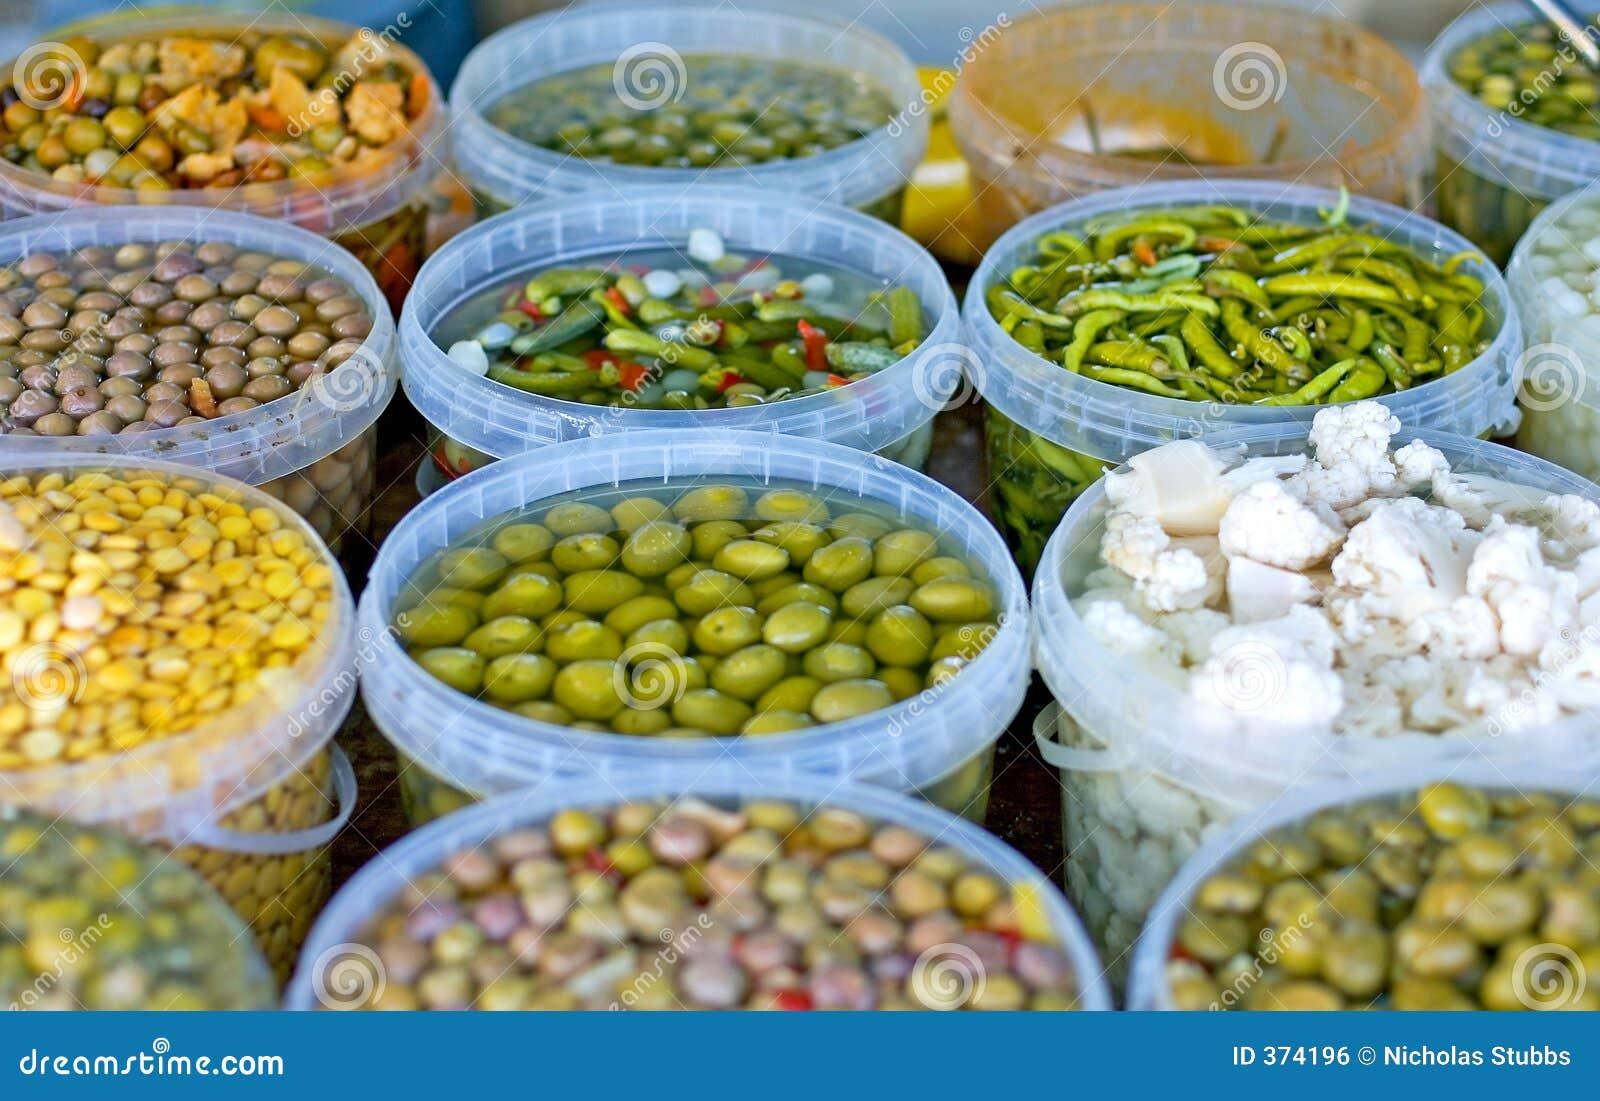 Tapas e especiarias para a venda em um mercado espanhol